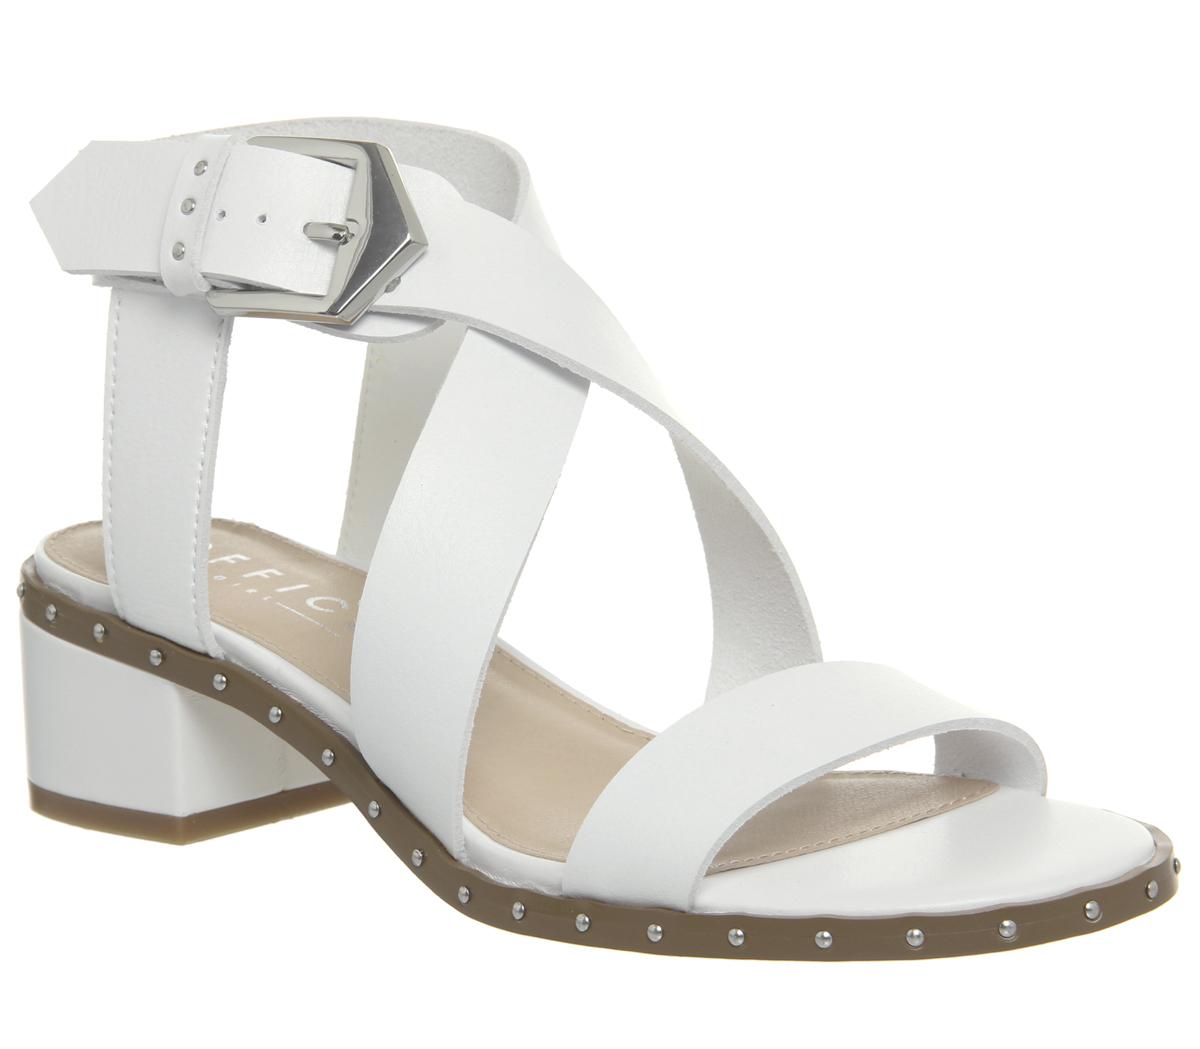 Damenschuhe WEISS Office Marble Strappy Sandales WEISS Damenschuhe Heels 48f626